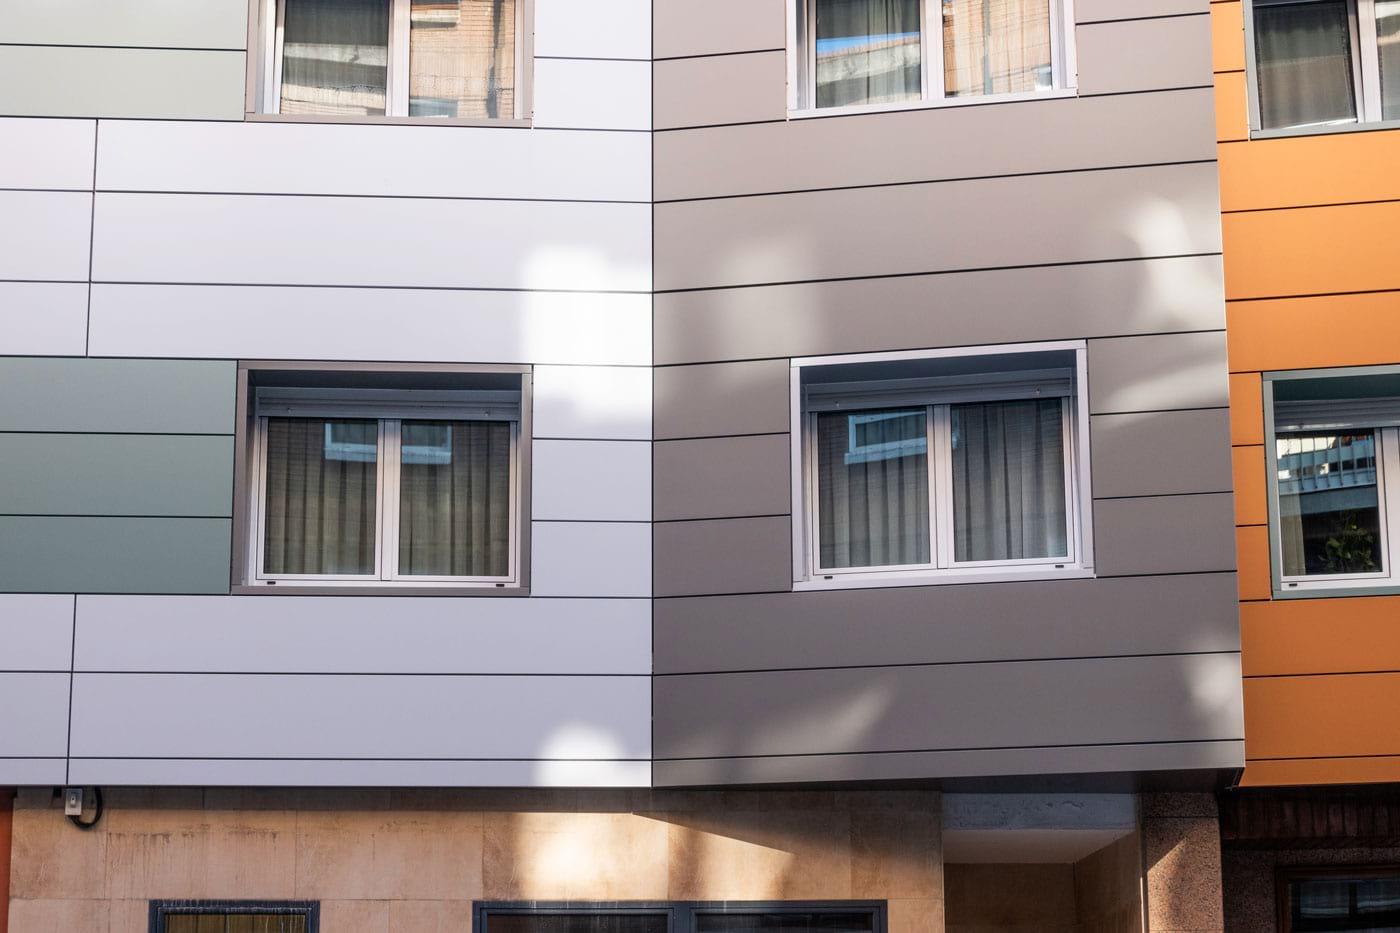 Detalle fachada principal